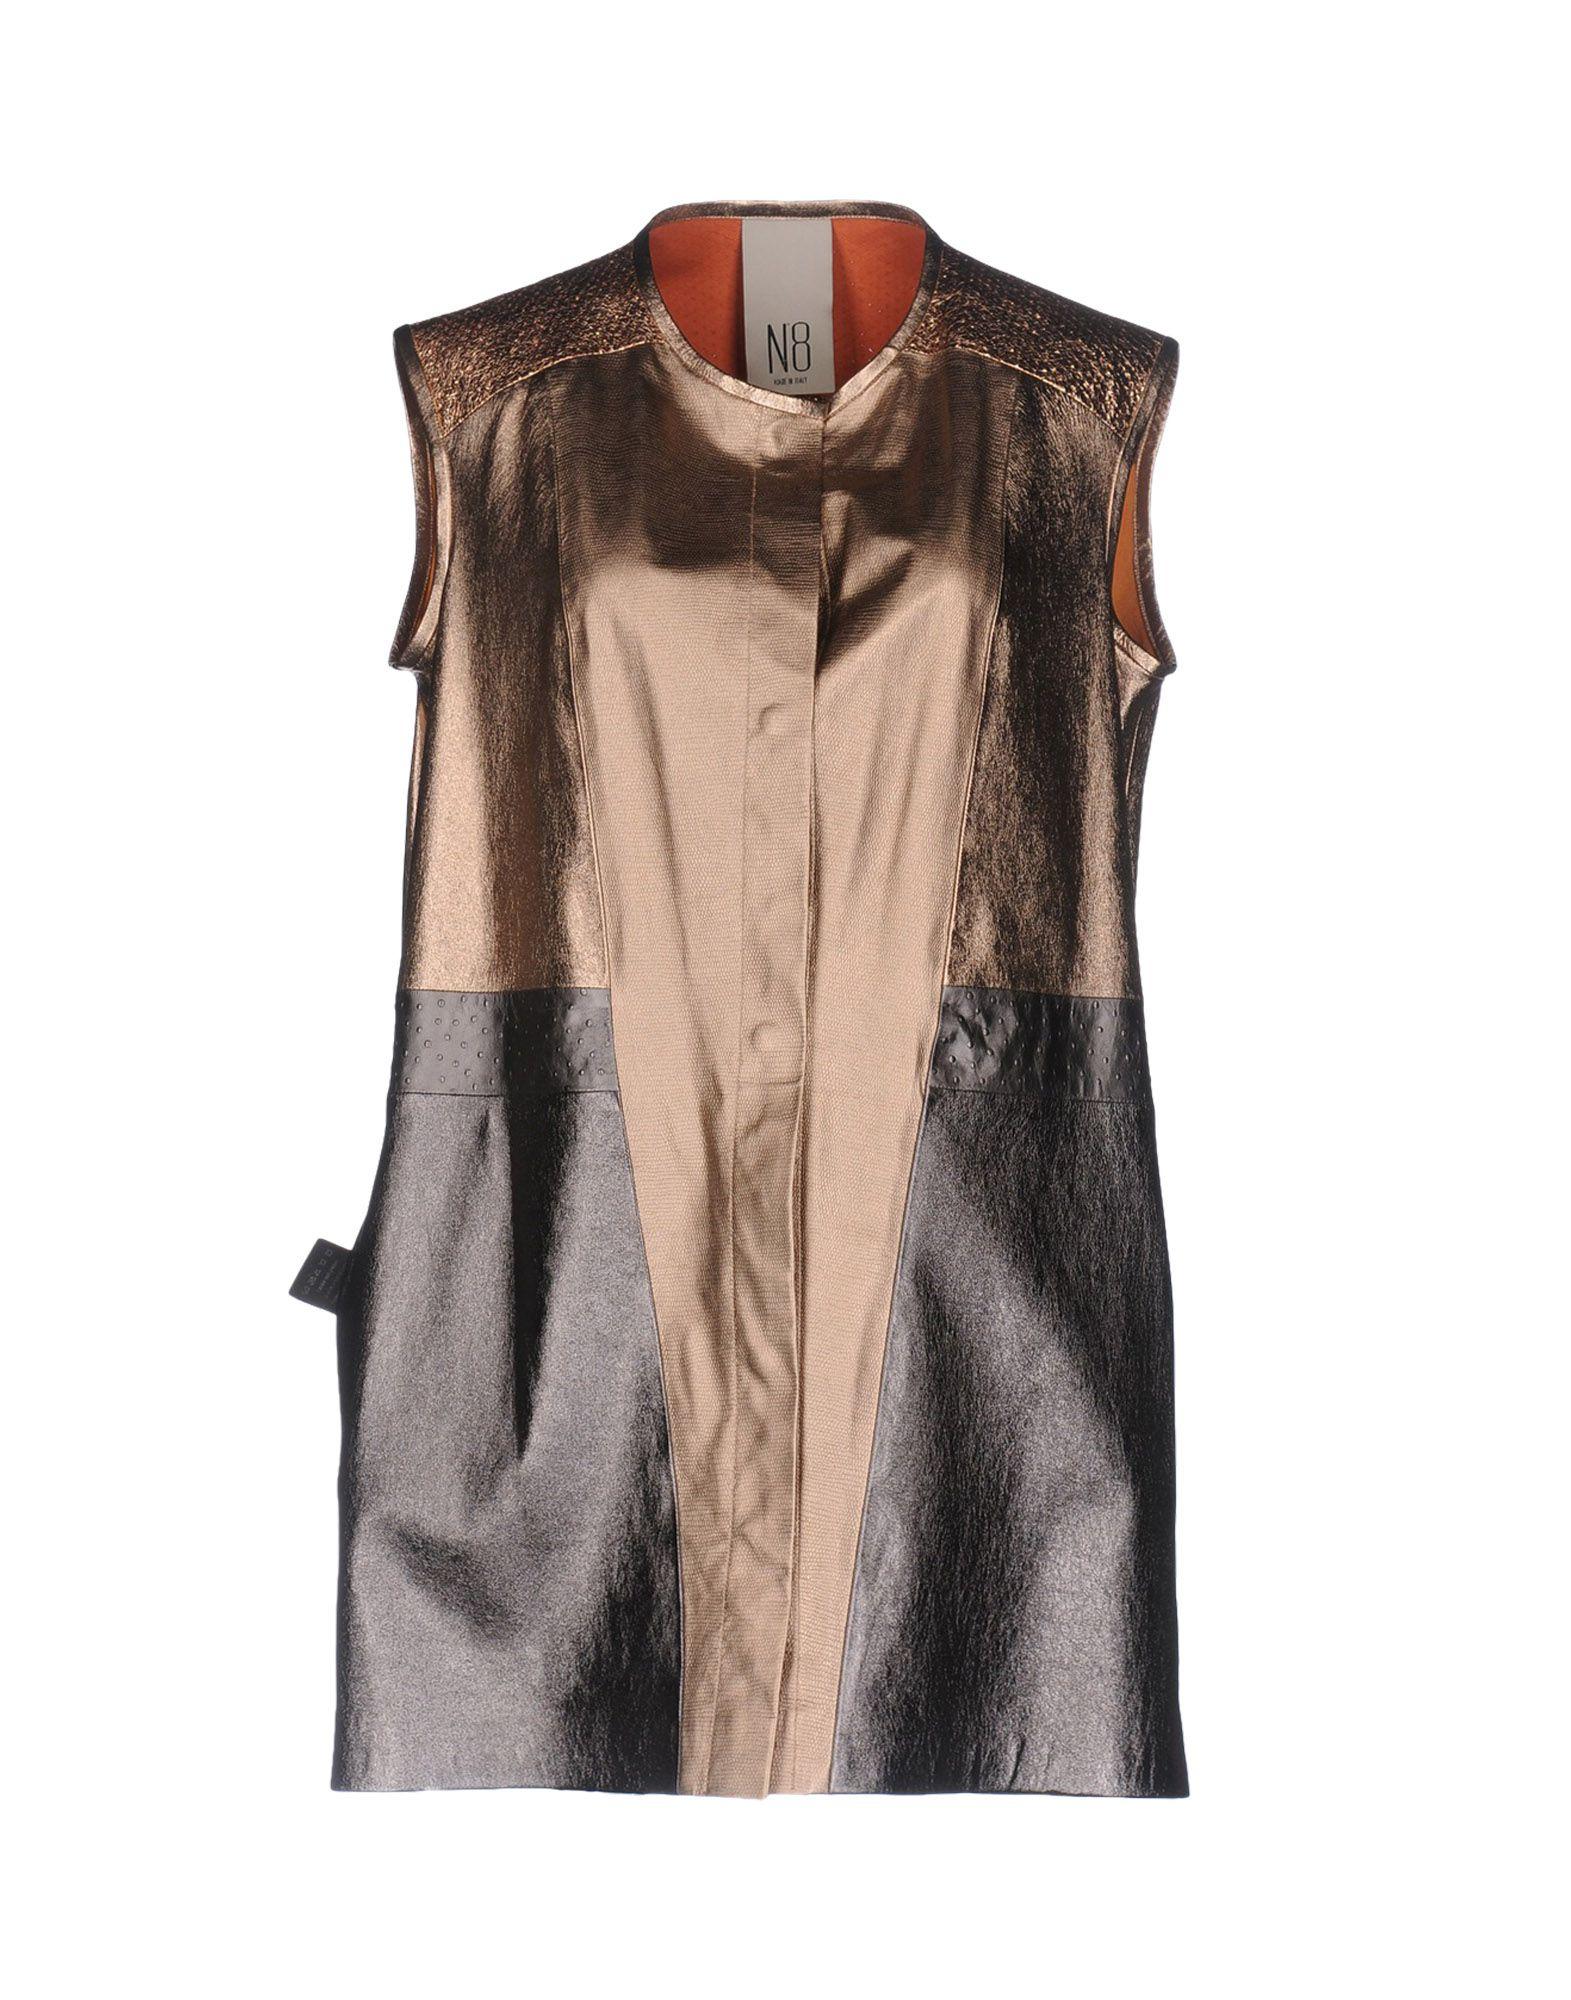 цена N°8 Легкое пальто